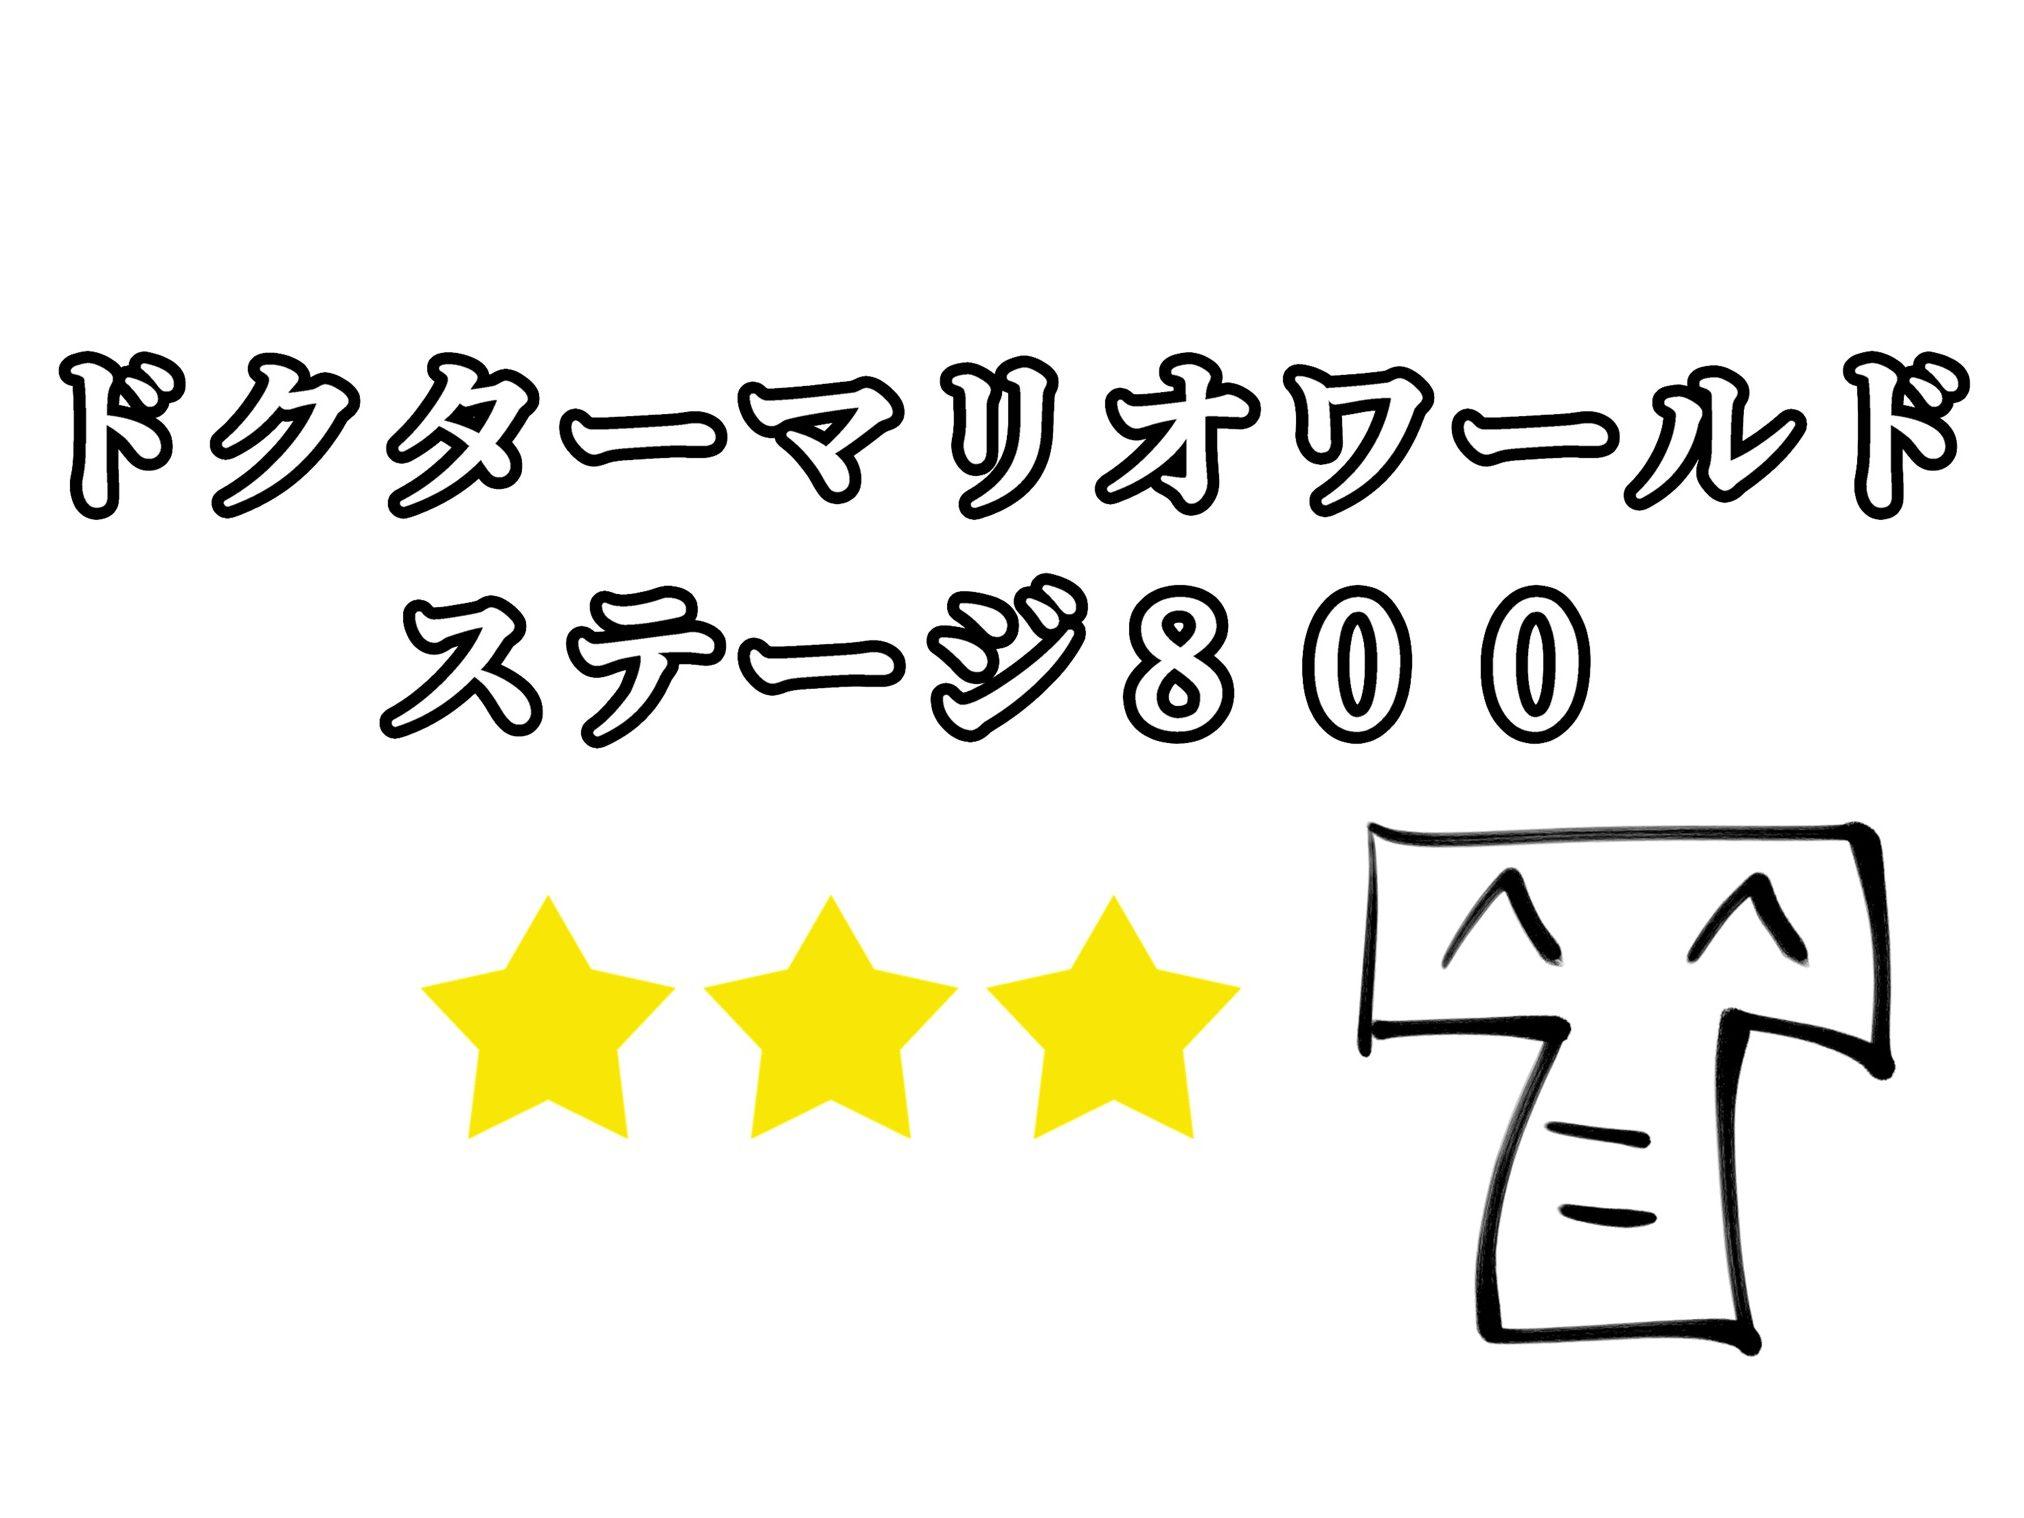 ドクターマリオワールドDr. Mario Worldステージ800☆3星3攻略